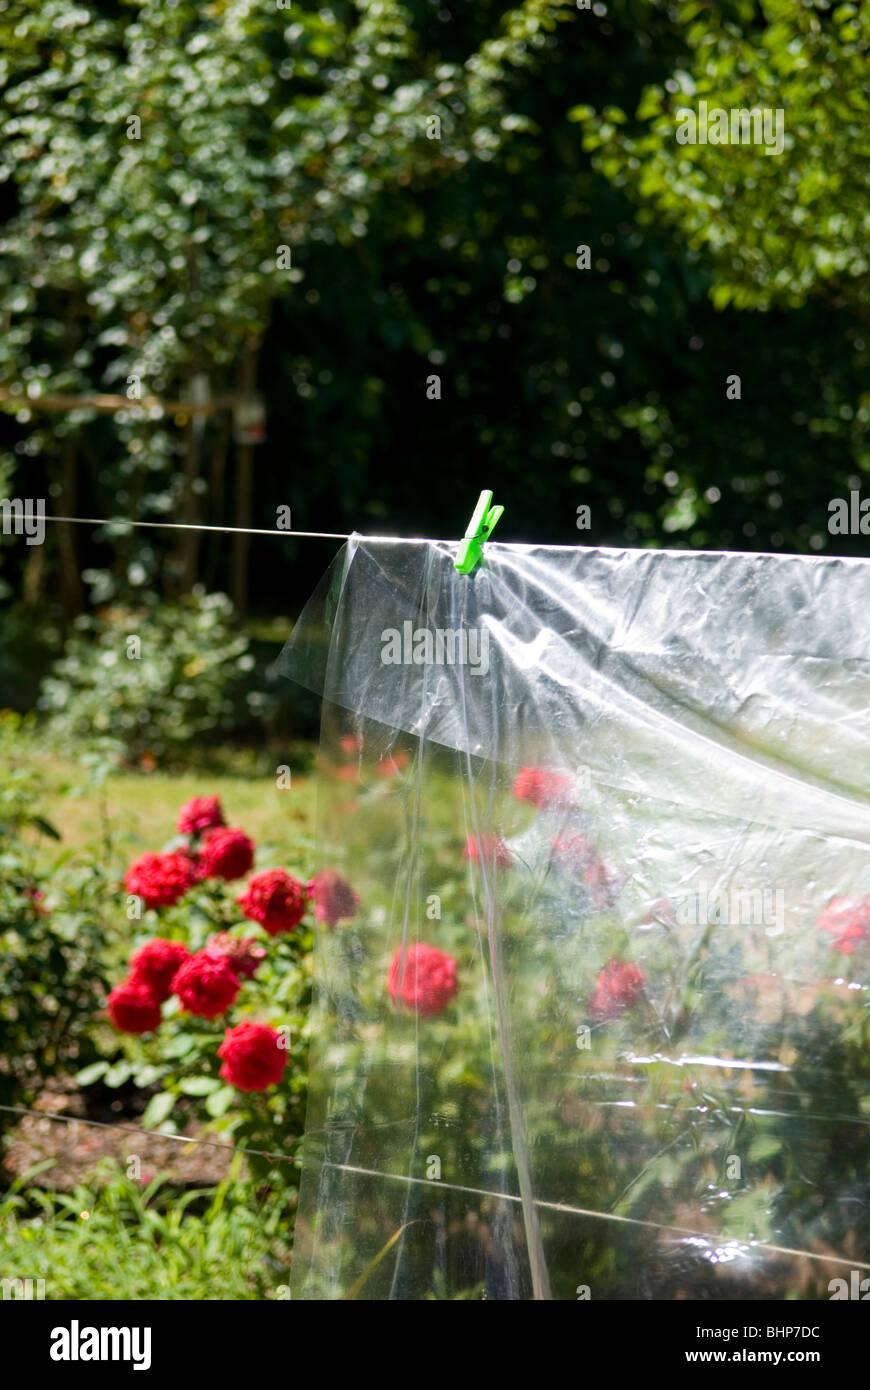 eine transparente Plastikfolie hängt in der Sonne in einem Garten mit lebendigen Rosen im Hintergrund Stockbild